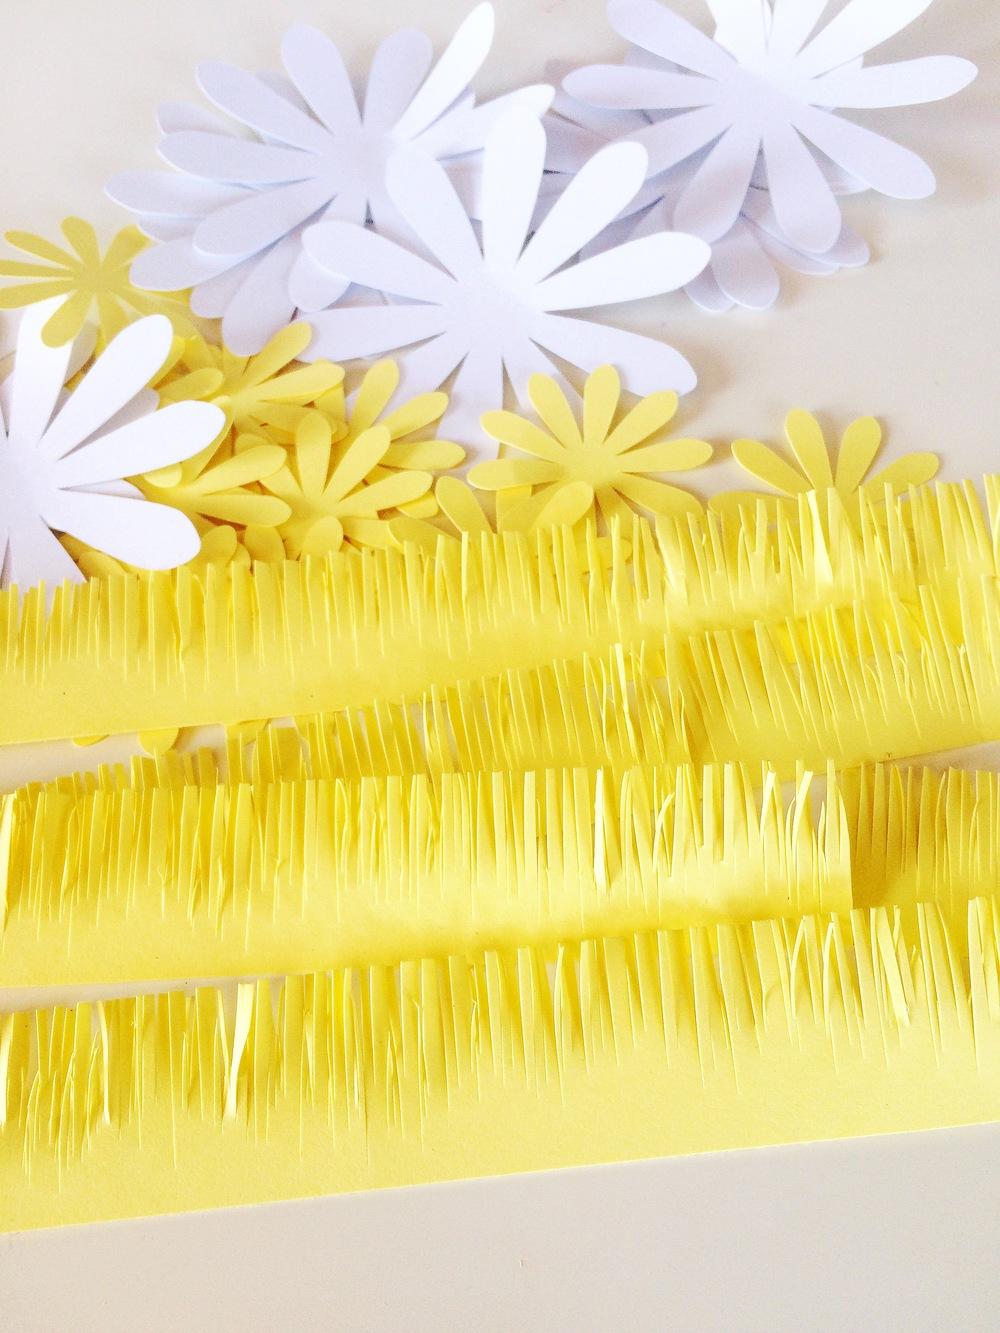 Ромашки из бумаги своими руками (схемы, шаблоны) Остров доброй надежды 13